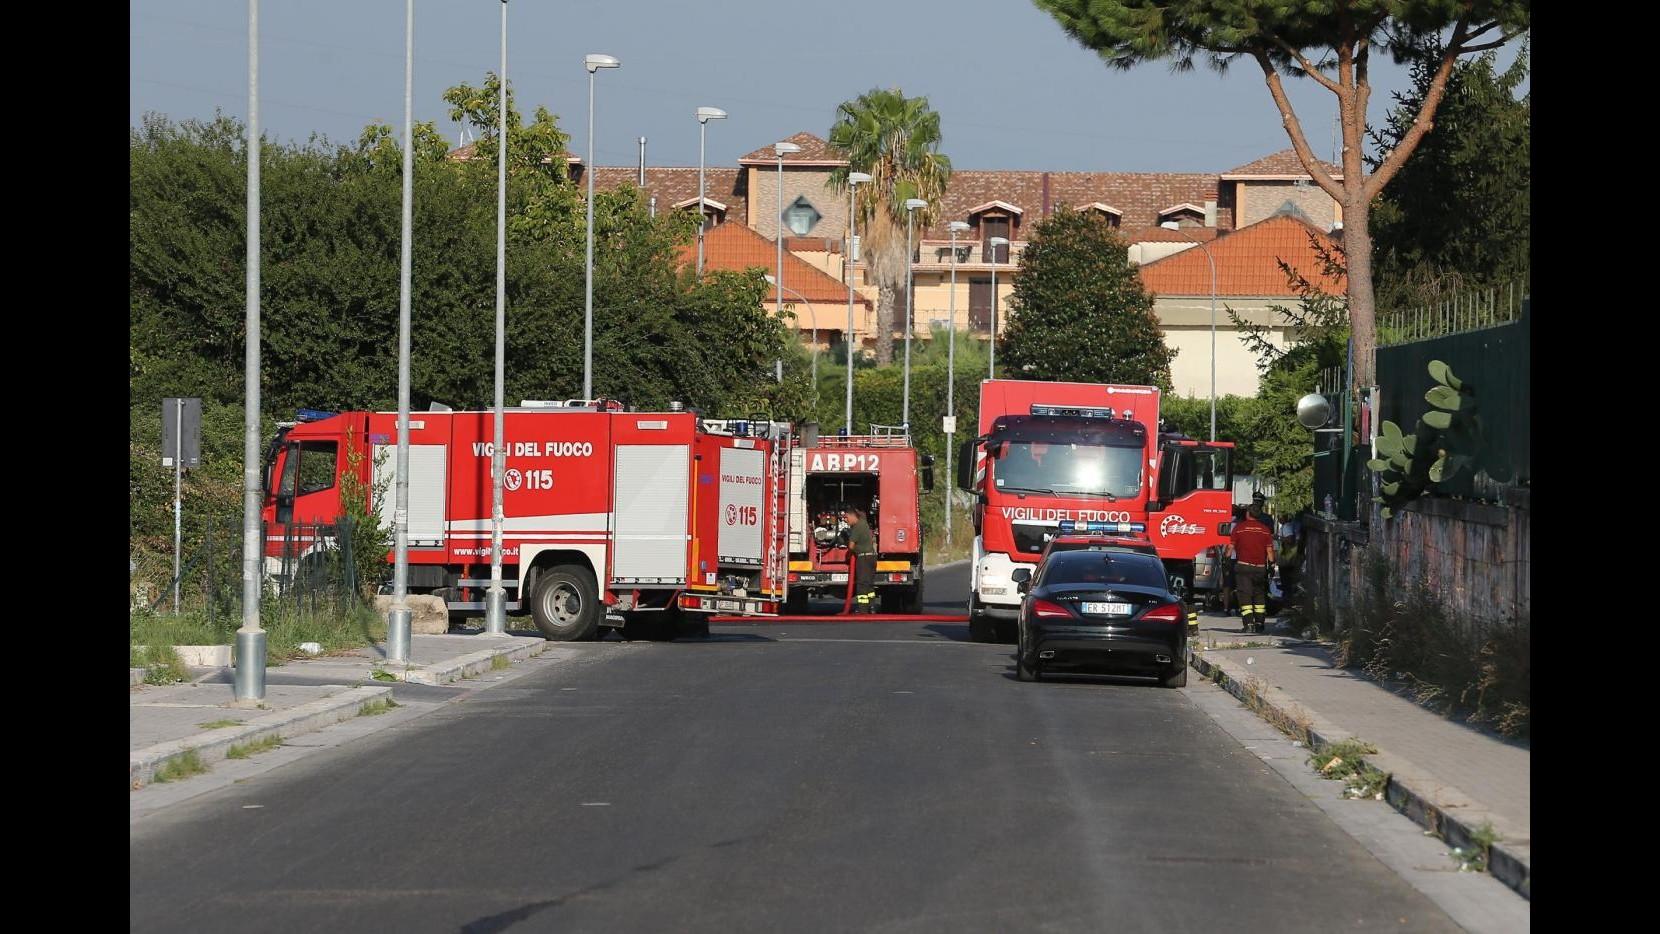 Maltempo, vigili del fuoco: 300 operazioni di soccorso in Campania